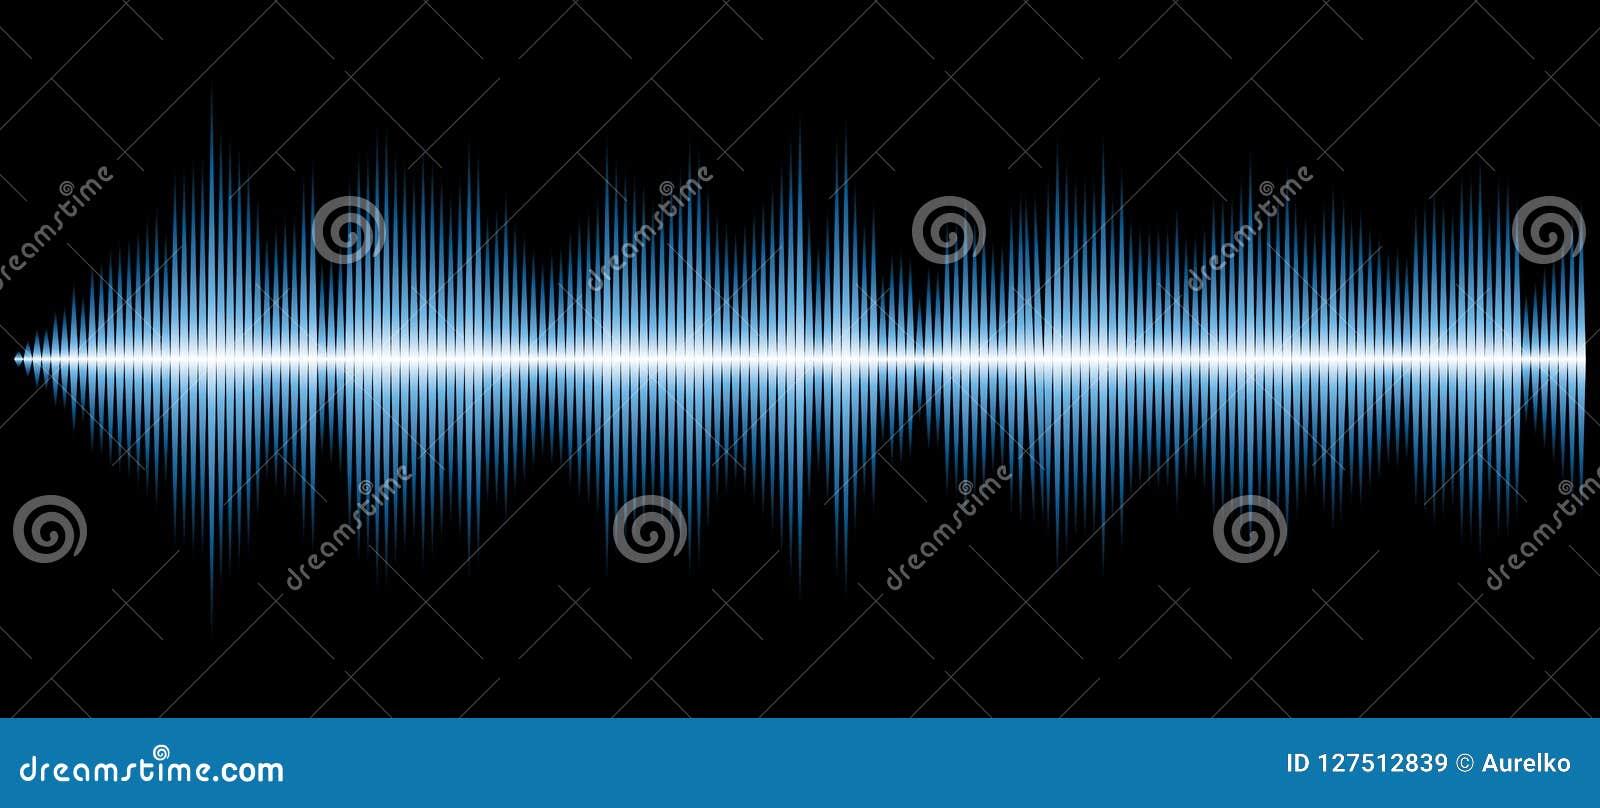 Sound diagram blue